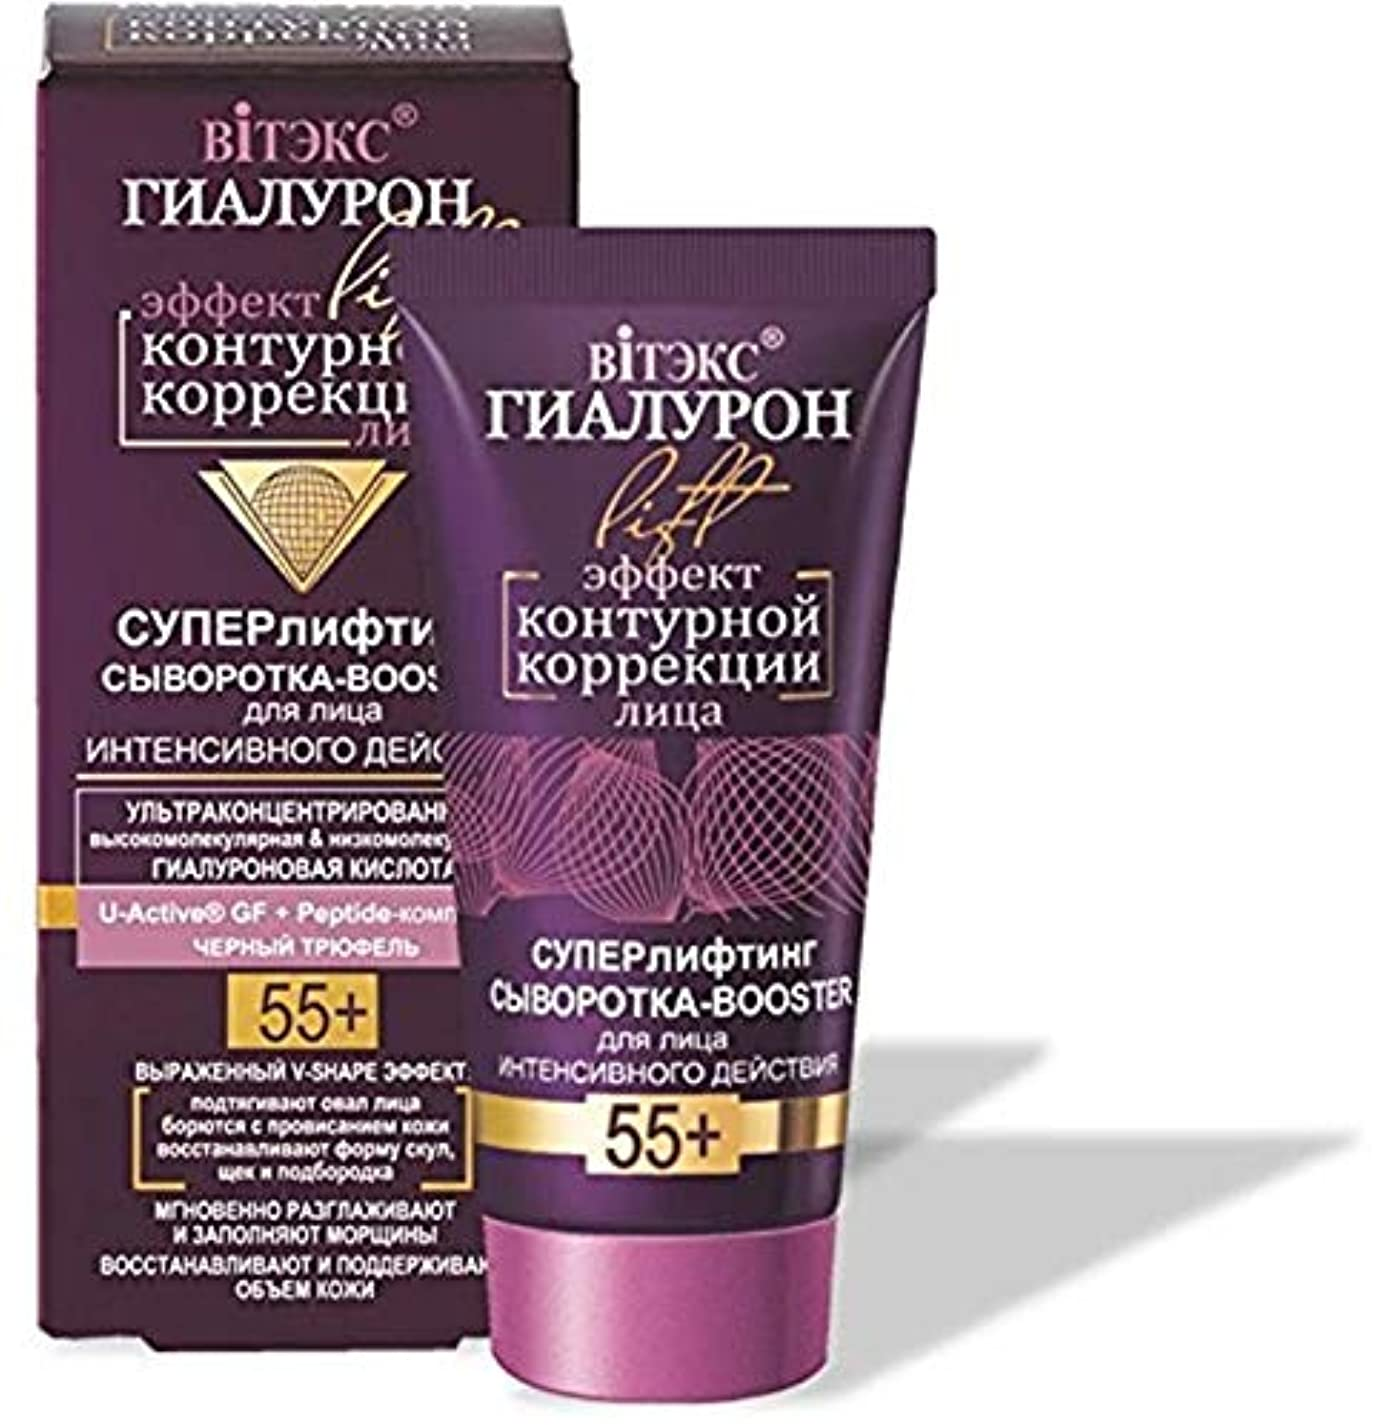 無駄だ特徴倒錯Serum for face 55+ (Hyaluron Booster) Super Lifting | Instantly smoothes and Fills Wrinkles | Restores & maintains...